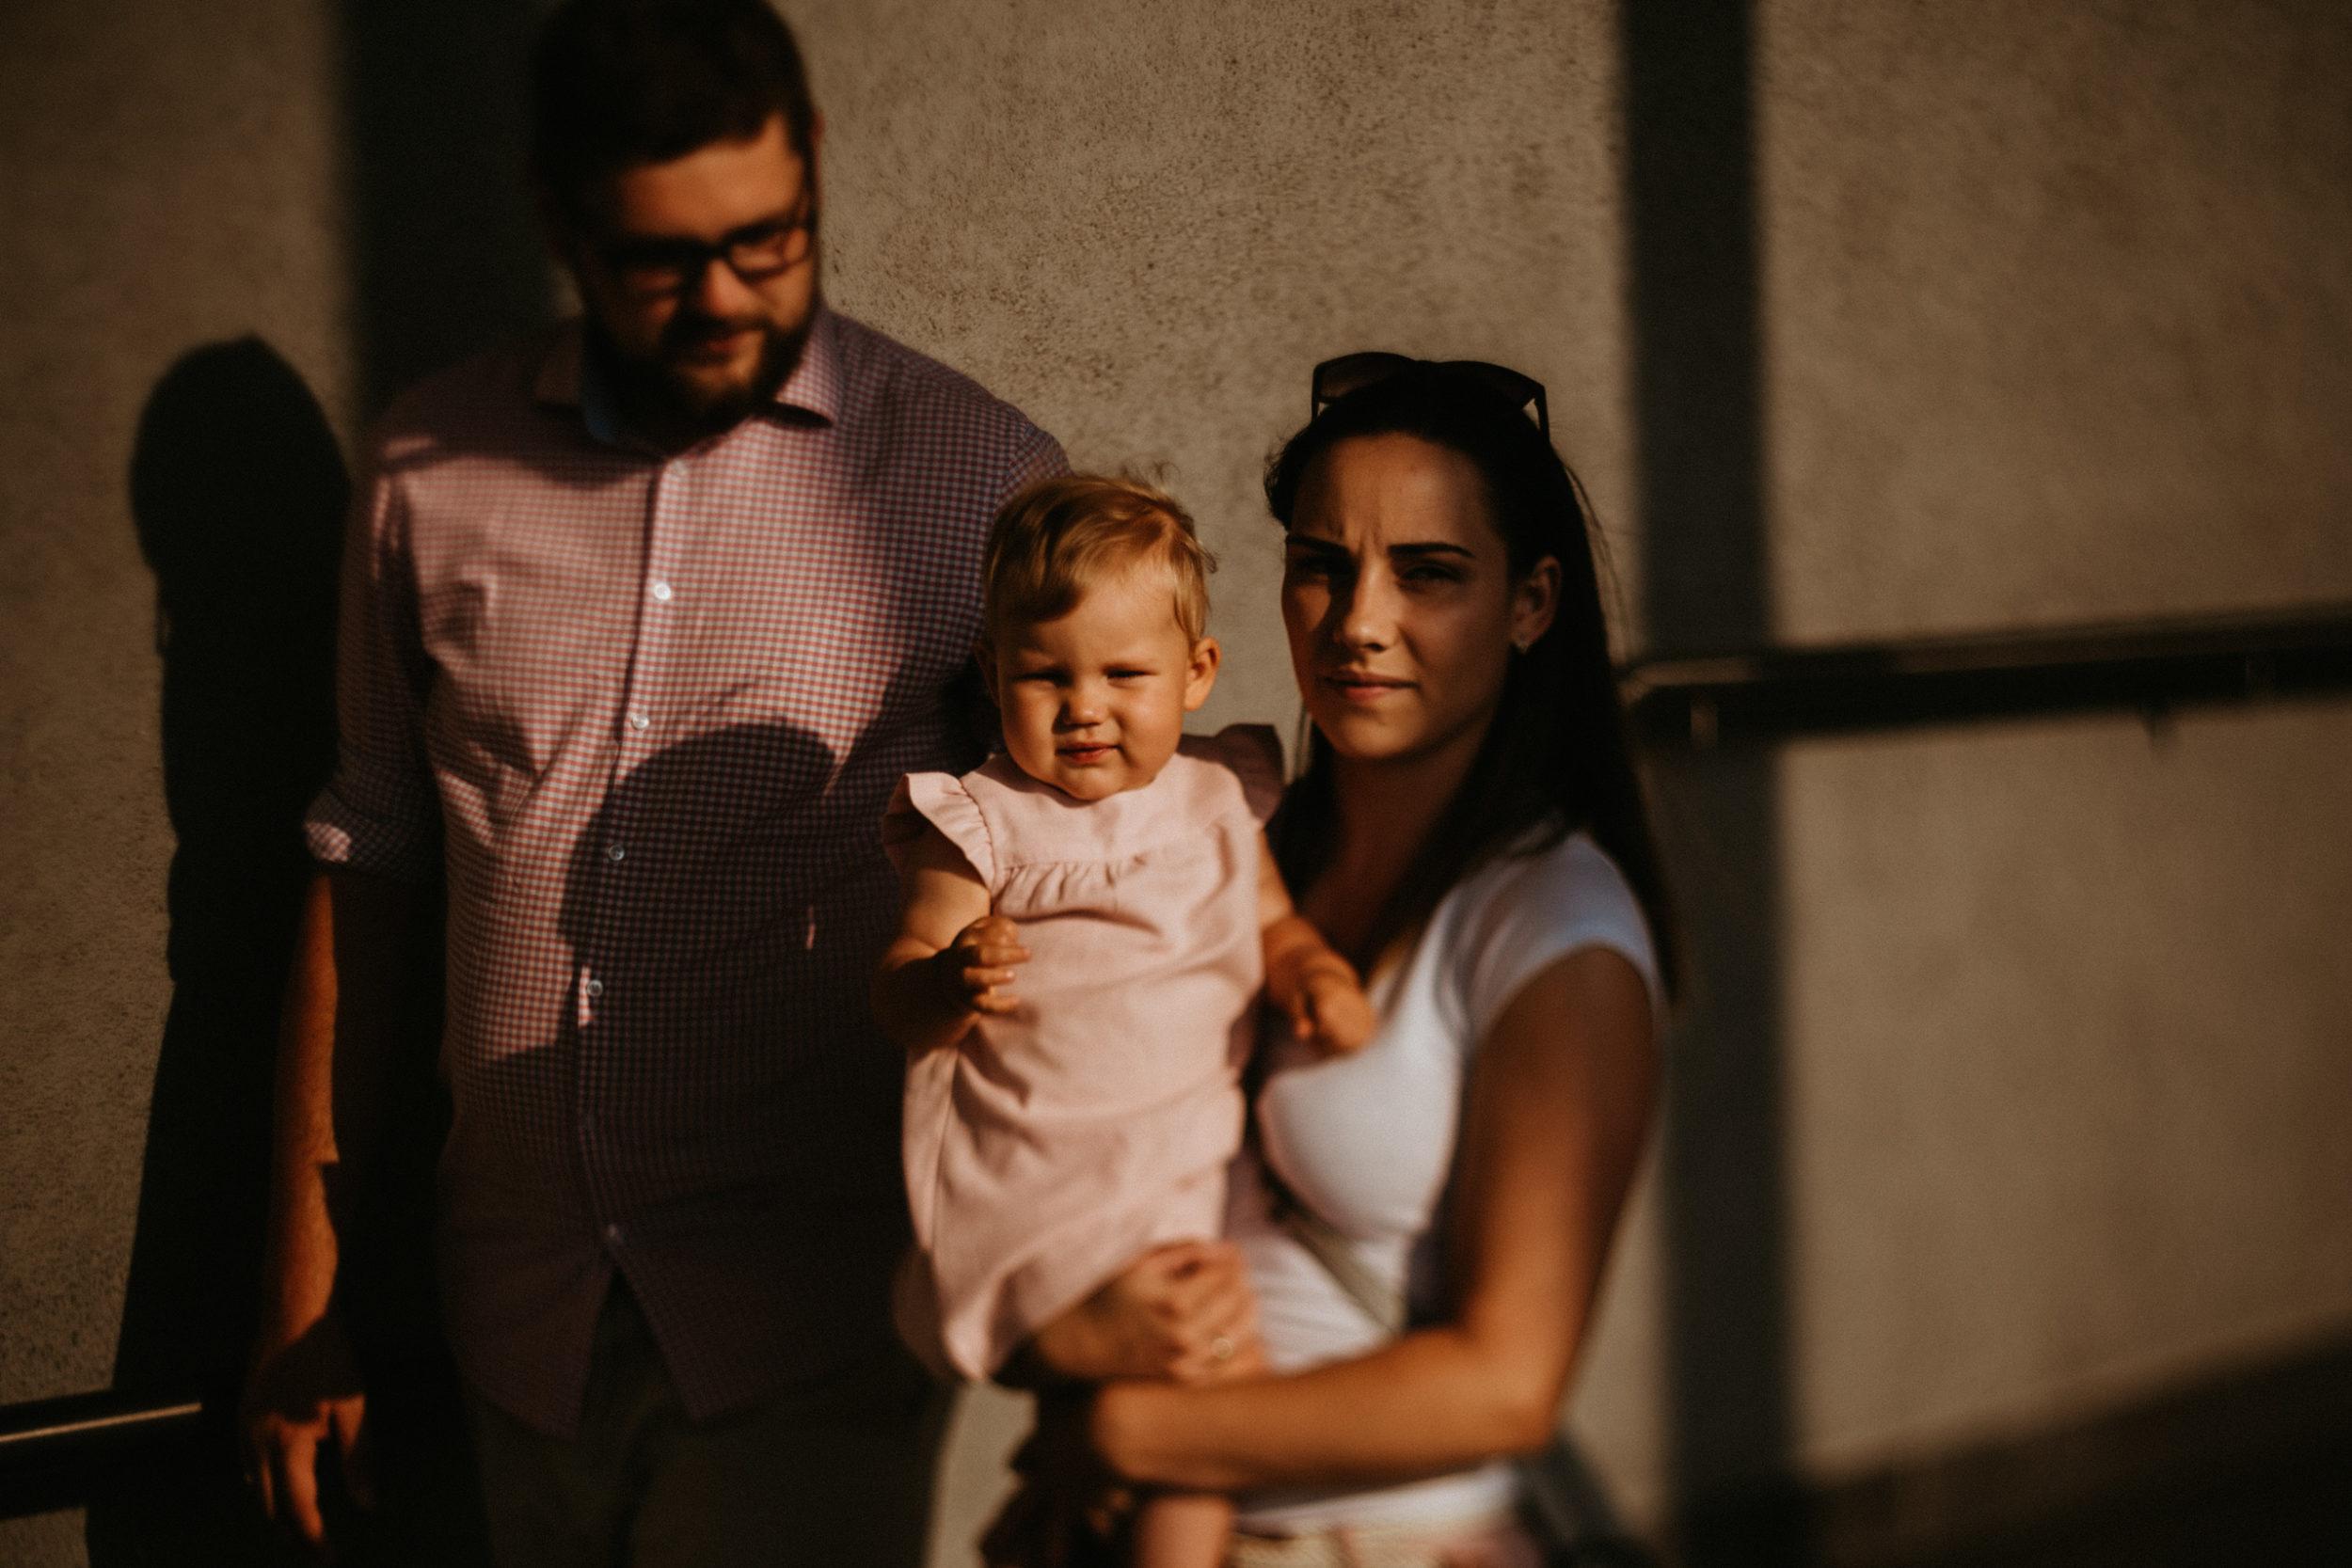 sesja rodzinna w miescie fotografia slask 00005